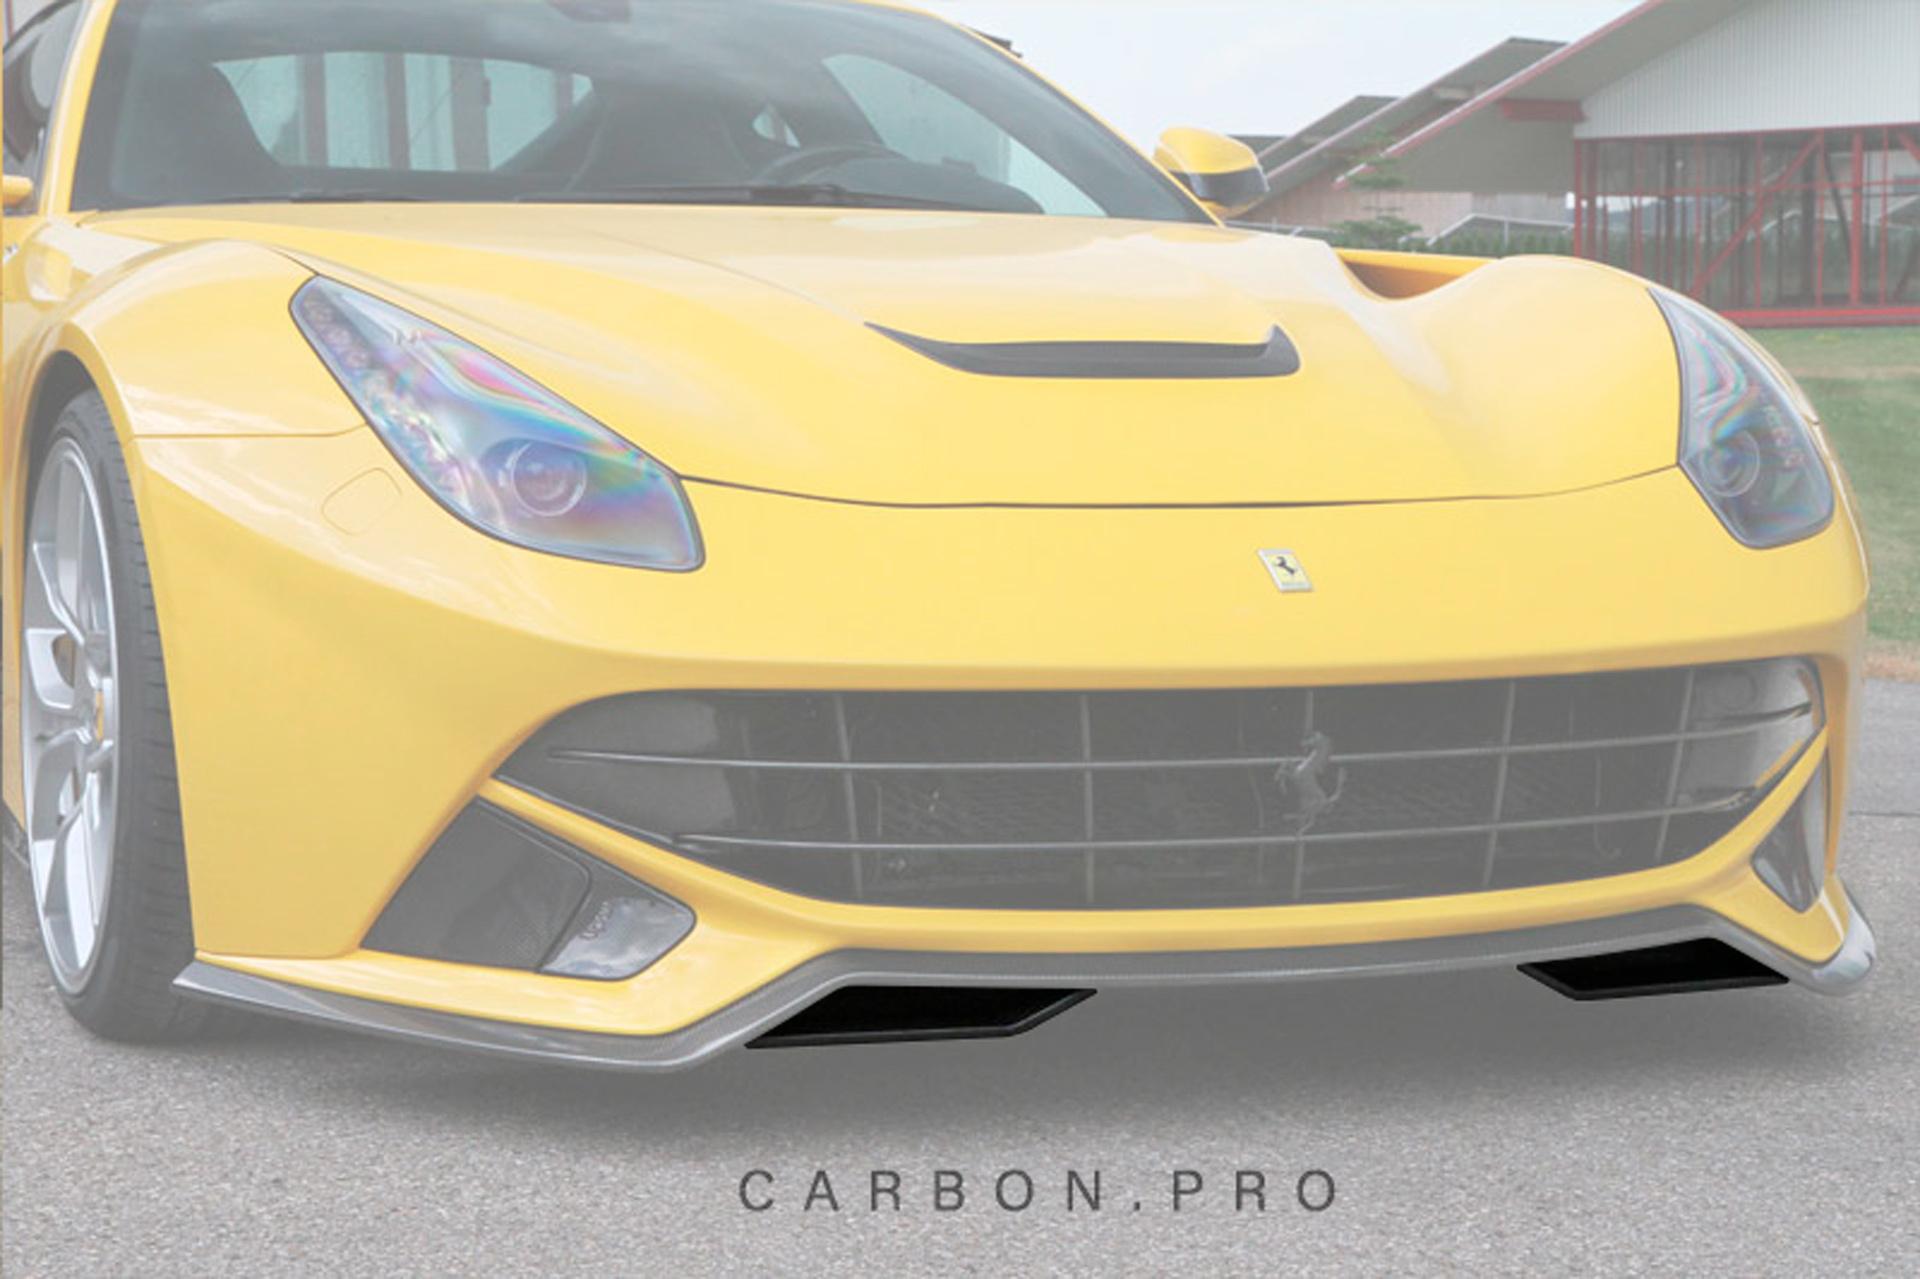 Карбоновые накладки под спойлер переднего бампера Novitec Style для Ferrari F12 Вerlinetta